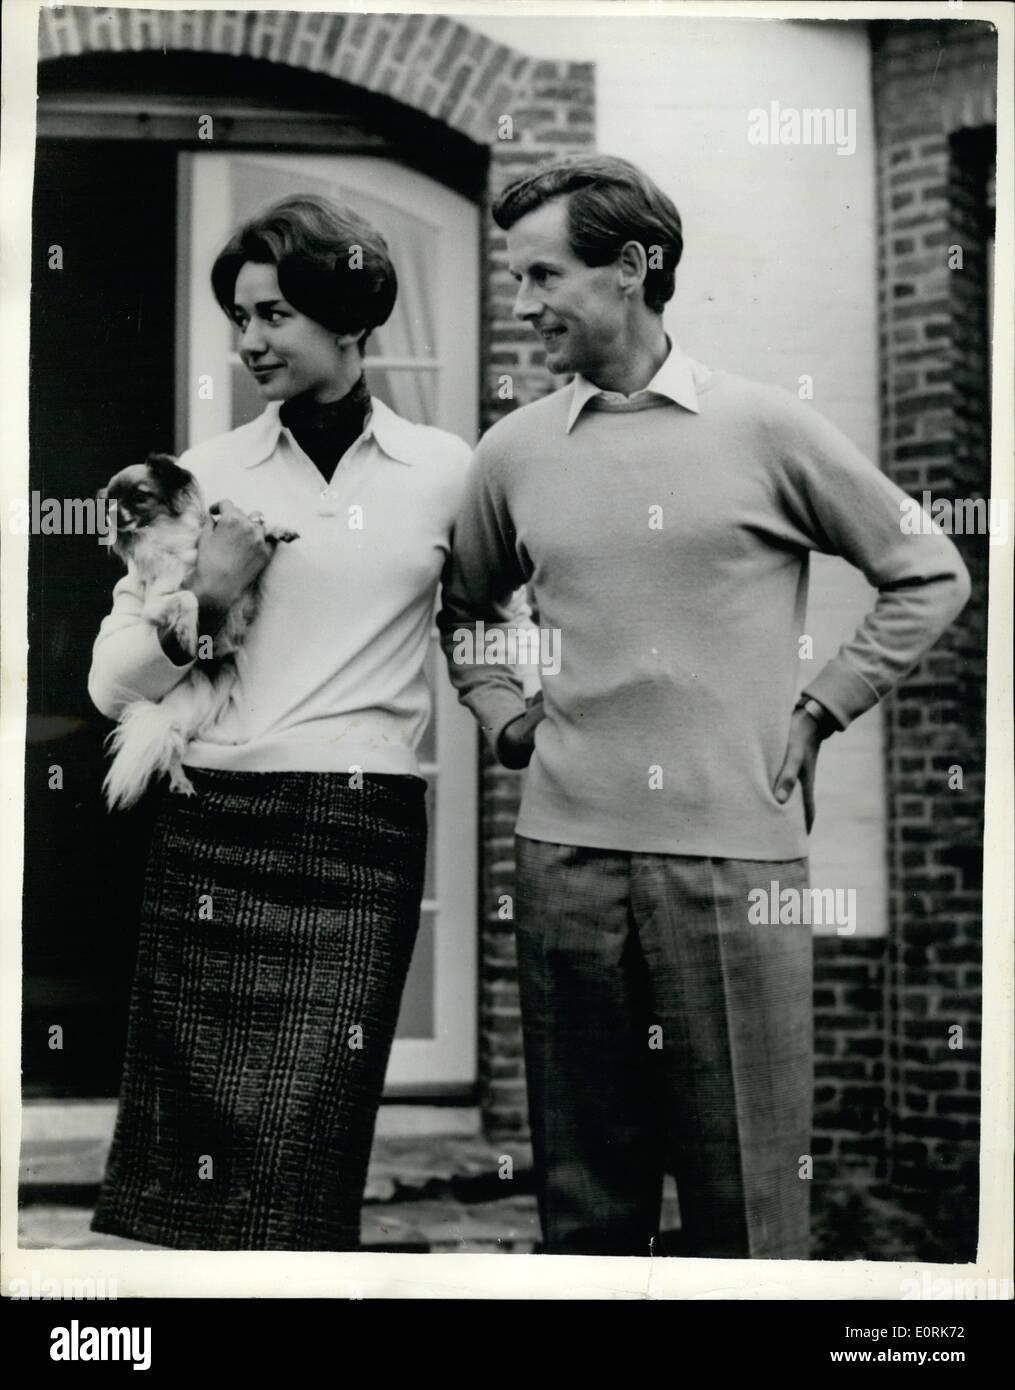 Ottobre 10, 1959 - 12-10-59 Gruppo capitano Peter Townsend per sposare la sua segretaria. L'impegno è stato annunciato Foto Stock